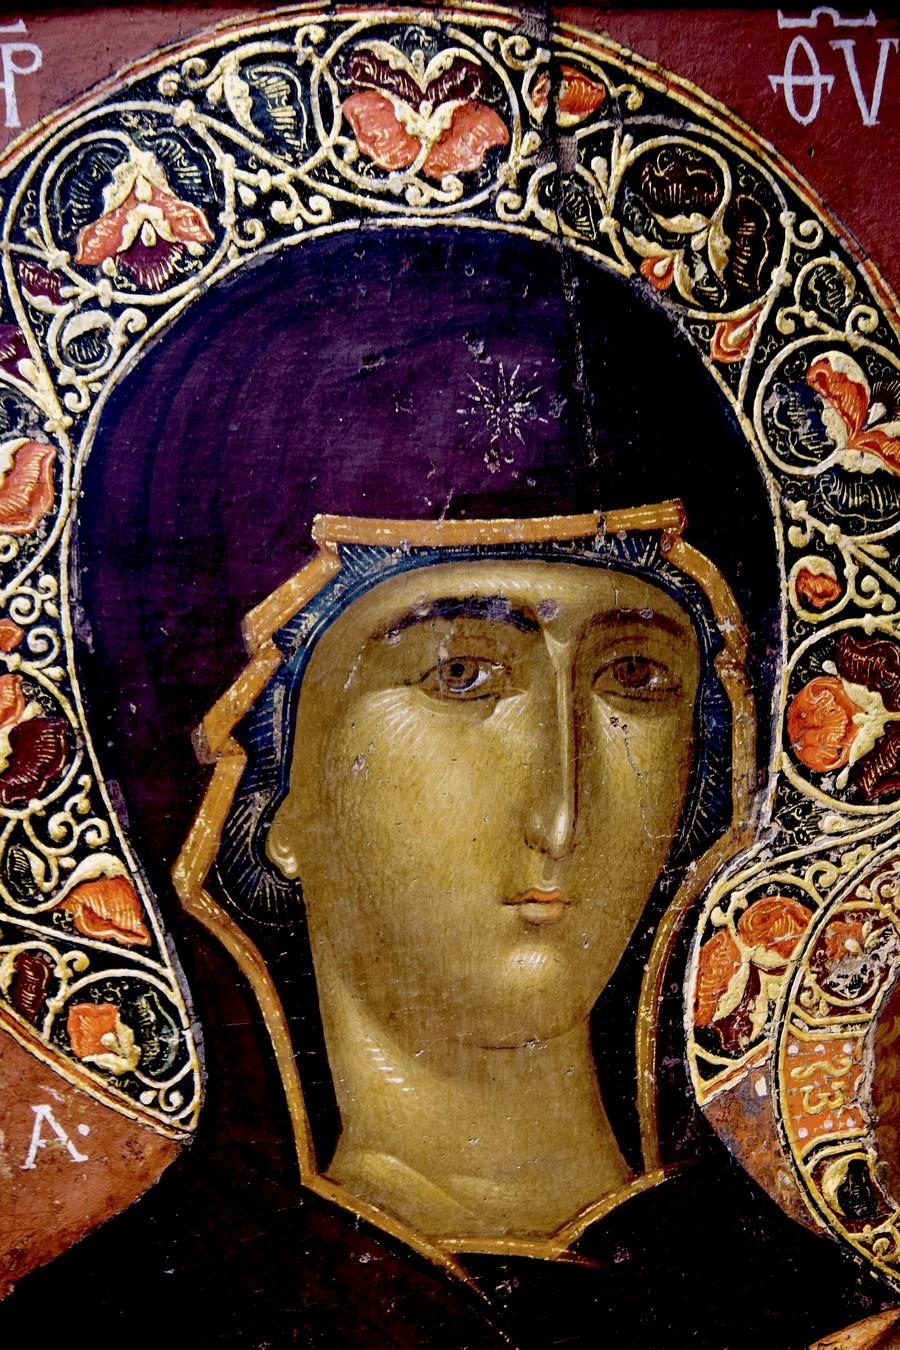 """Икона Божией Матери """"Одигитрия"""". Византия, начало XV века. Византийский музей в Кастории, Греция. Фрагмент."""